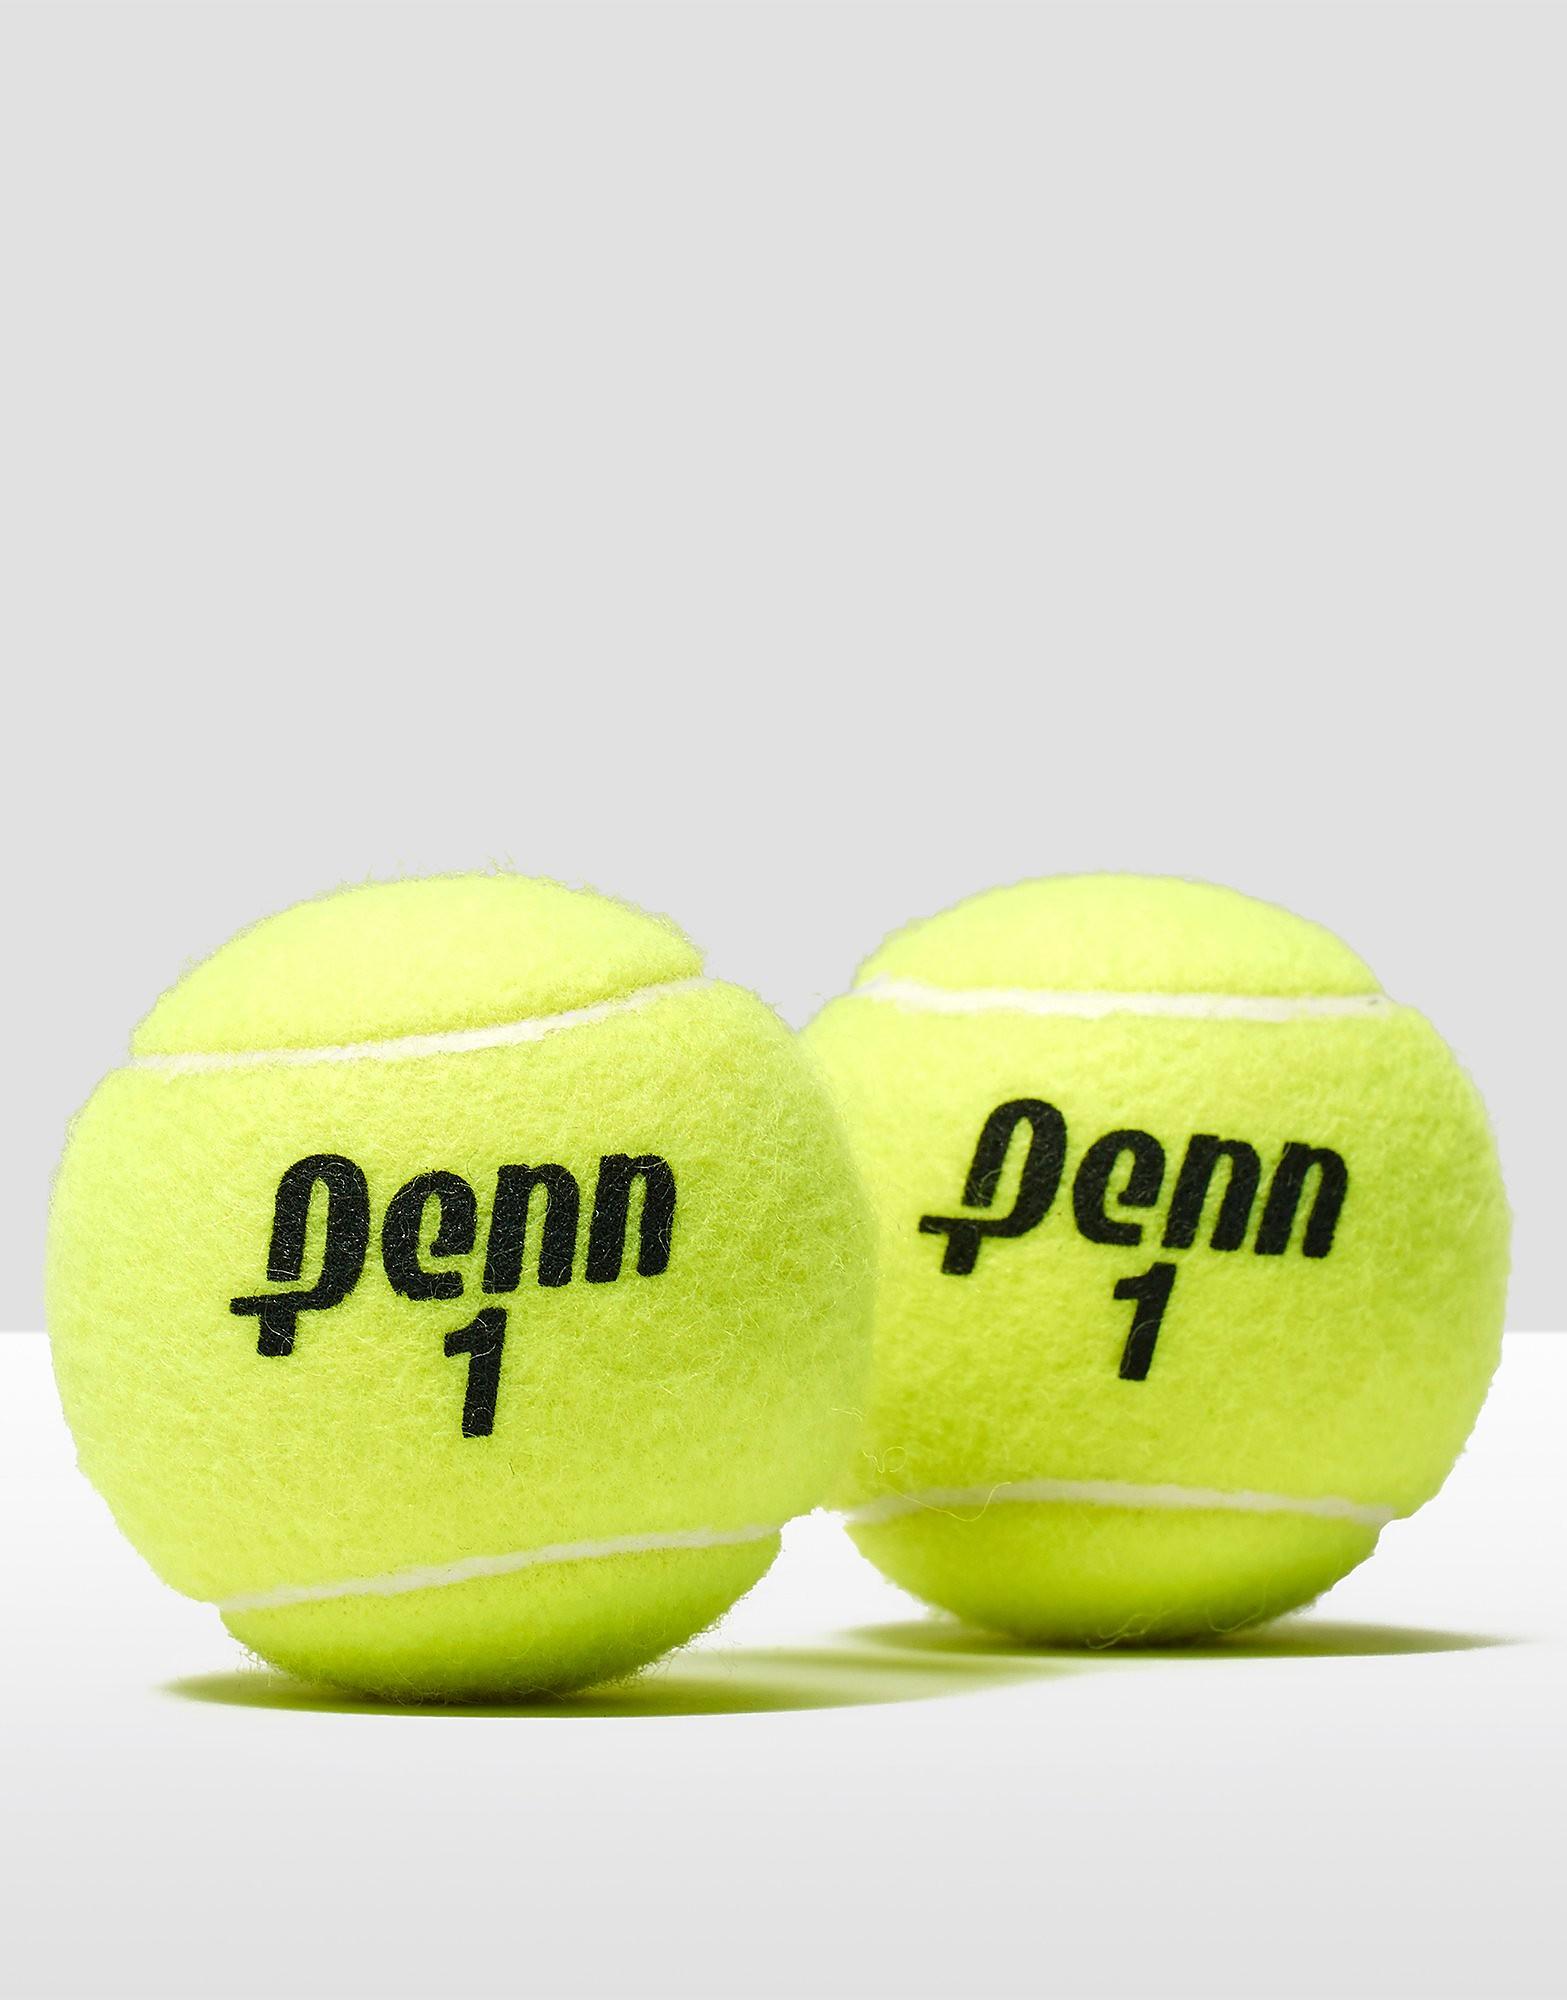 Penn Championship Balls Tri Pack (3x 4 Ball Can)